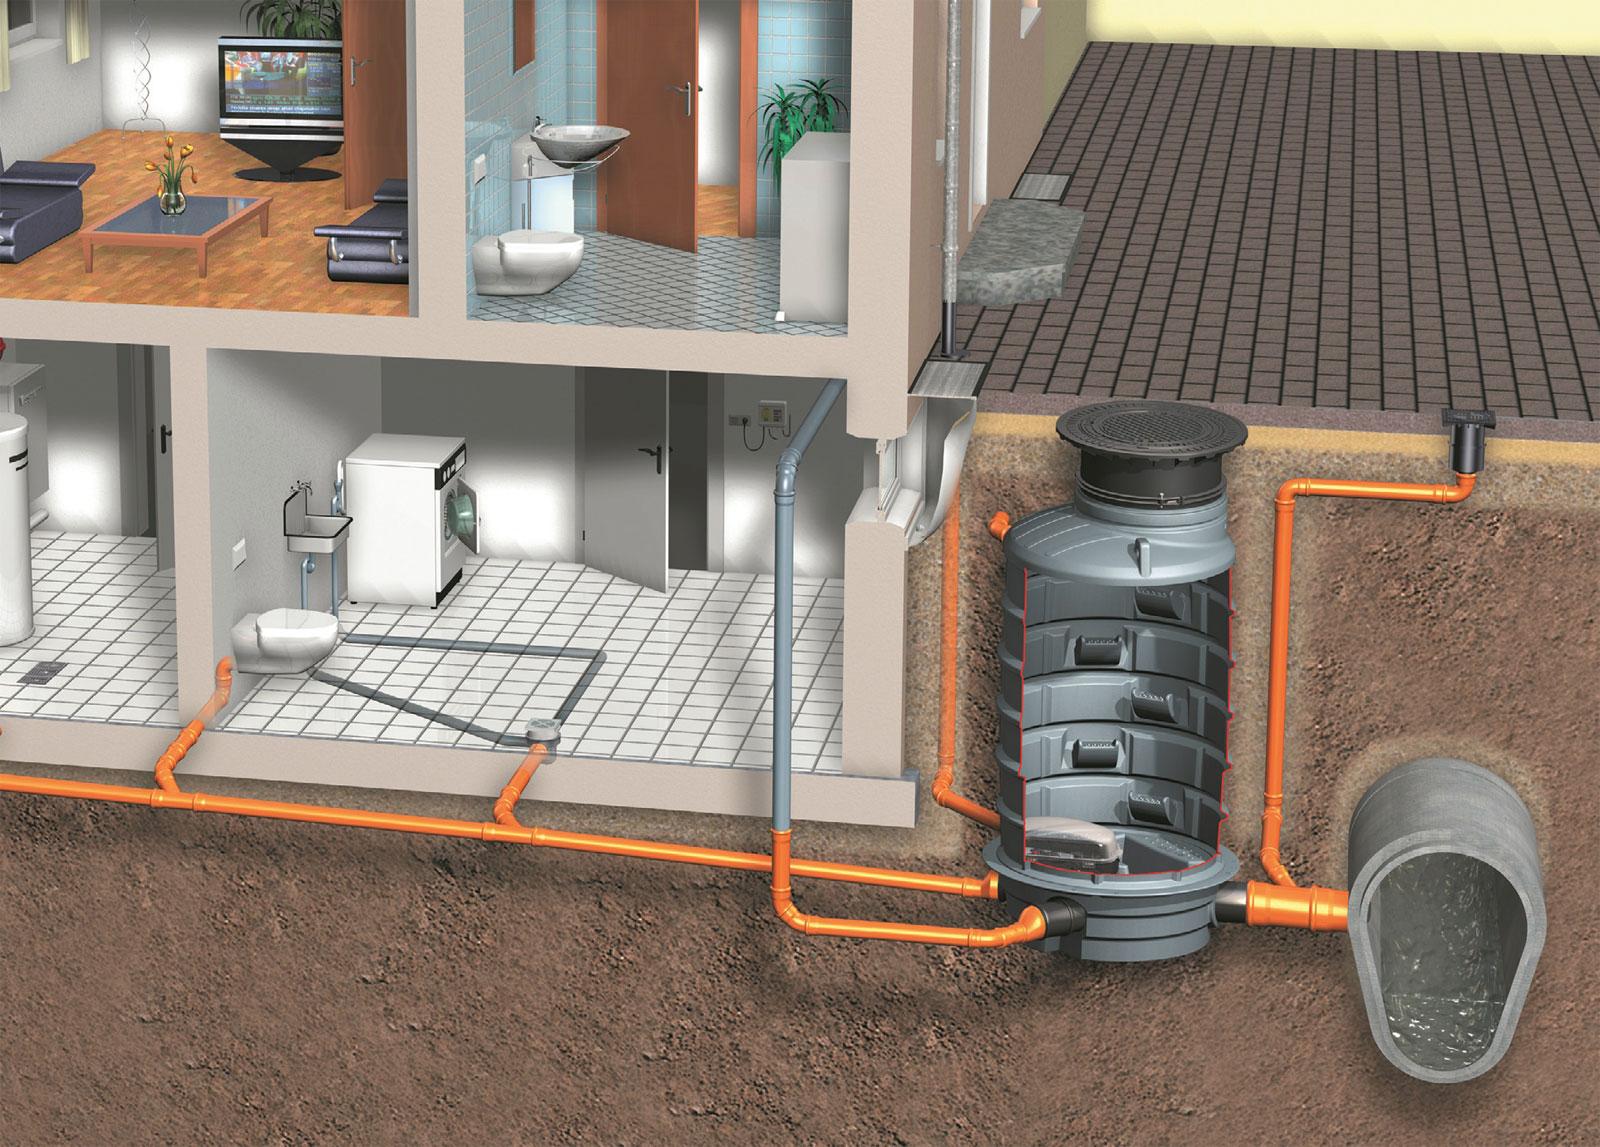 Fot. 1. Prawidłowo zainstalowana ochrona przeciwzalewowa za zewnątrz budynku: przybory zlokalizowane poniżej poziomu zalewania są zabezpieczone zaworem zwrotnym w studzience. Przybory zlokalizowane powyżej poziomu zalewania oraz odpływy z rynien włączone do studzienki za urządzeniem przeciwzalewowym.